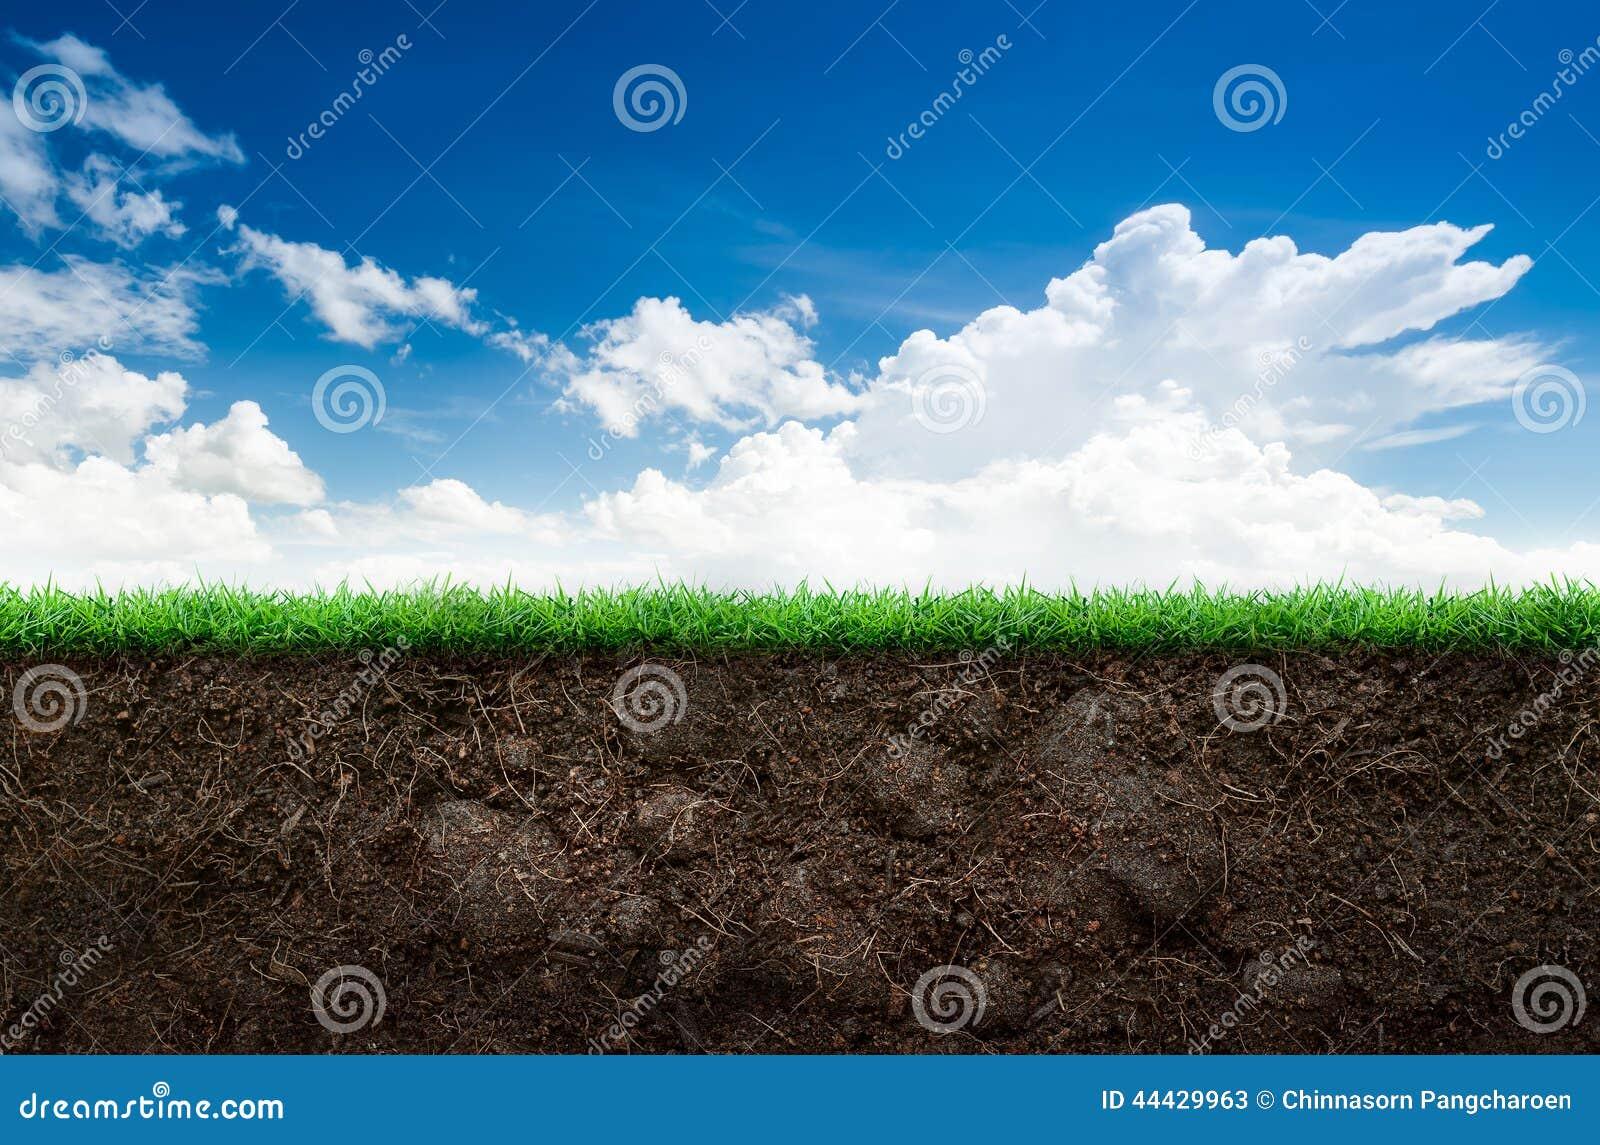 Jord och gräs i blå himmel